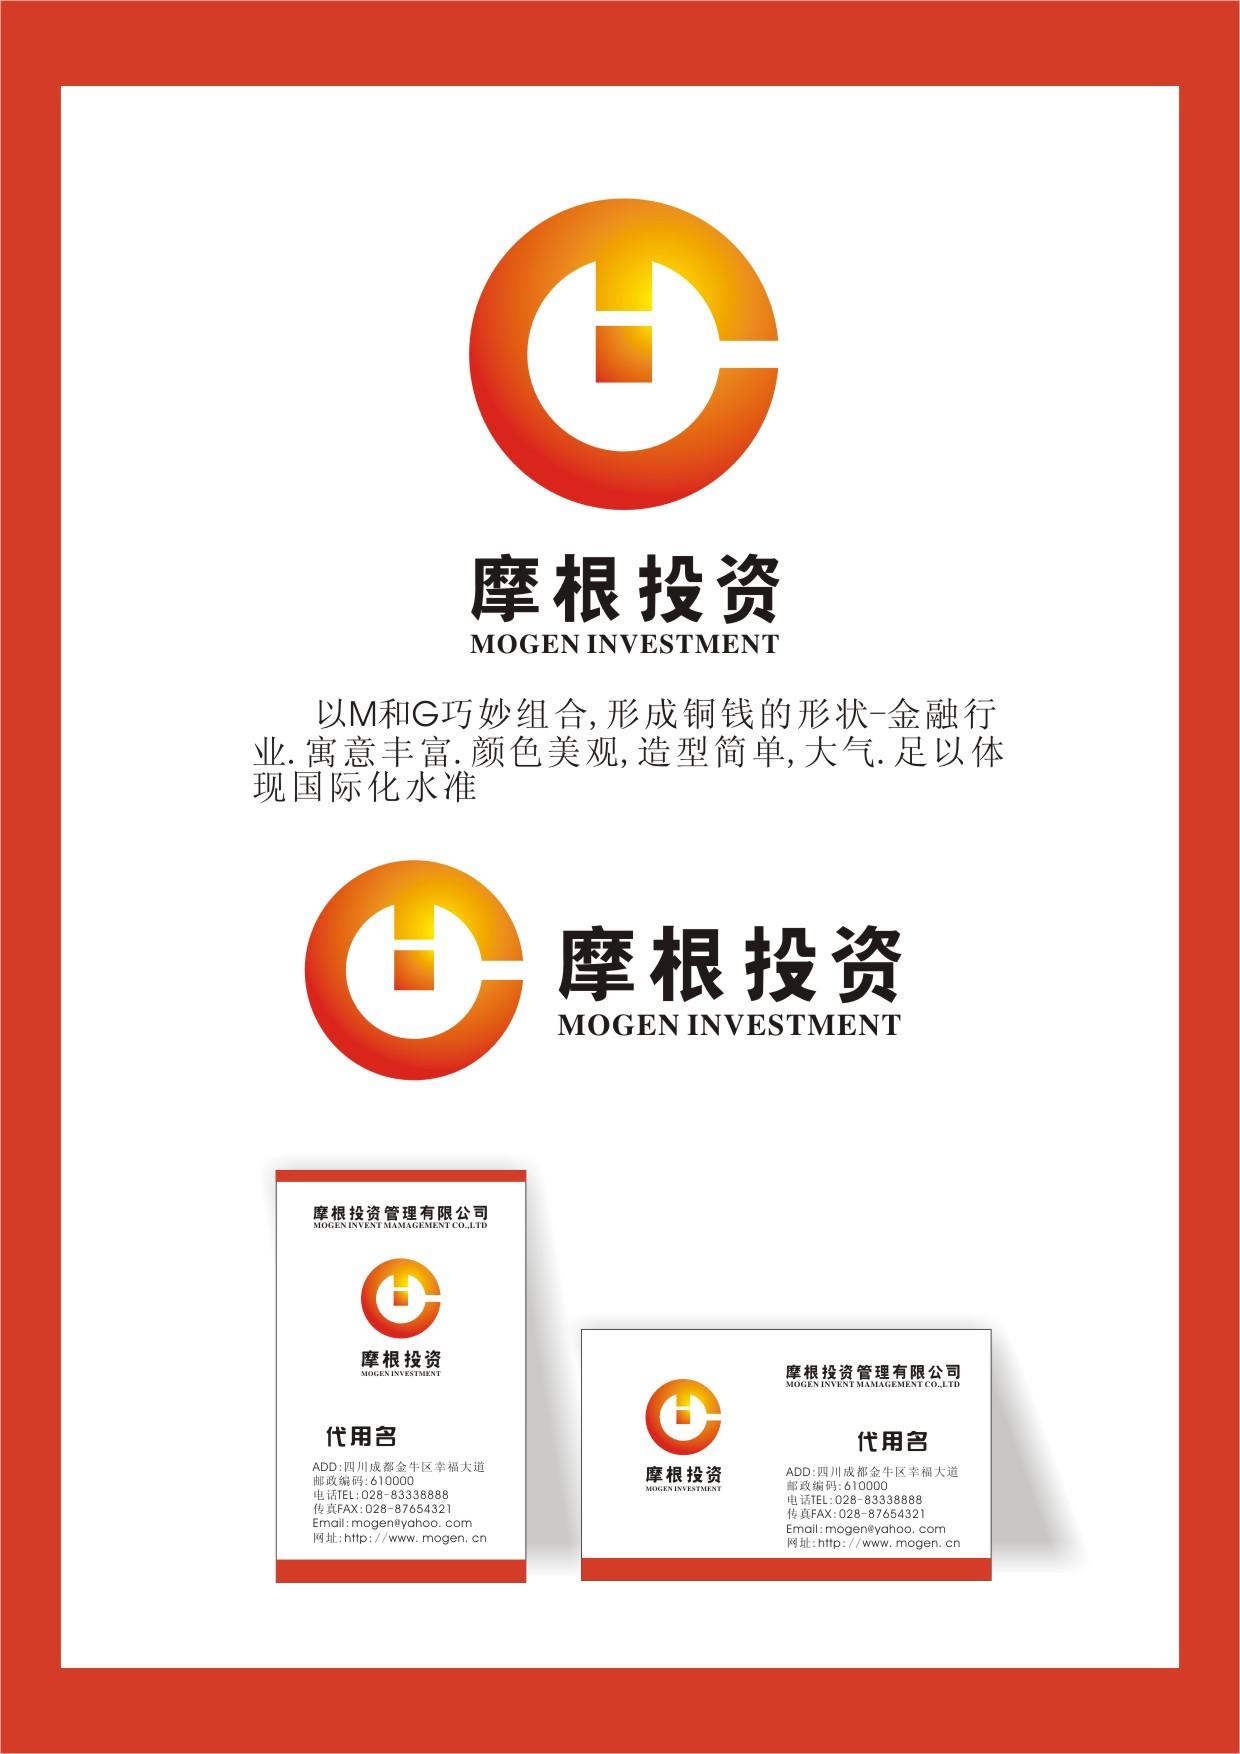 摩根投资公司logo/名片设计(准备延期)